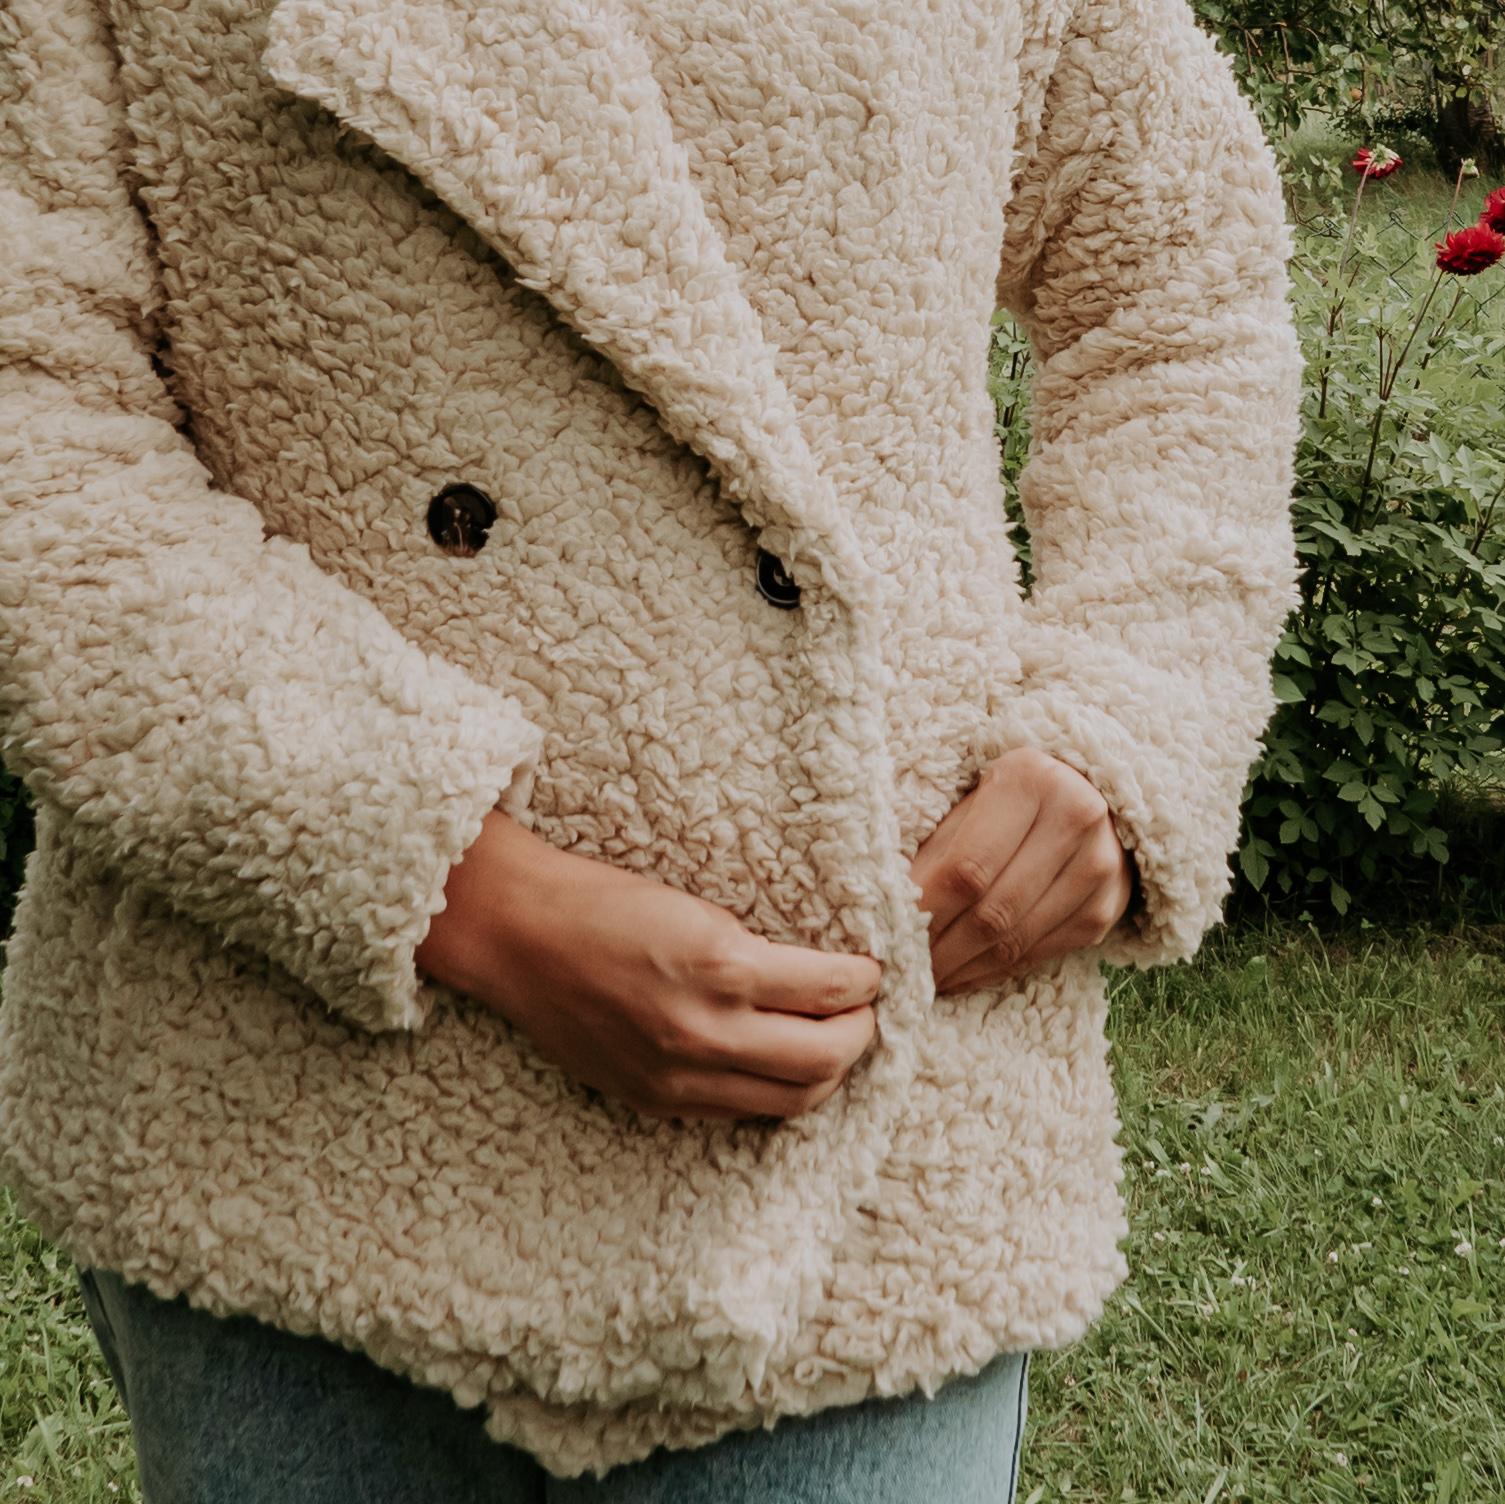 ciepły pluszowy płaszcz damski hit 2021